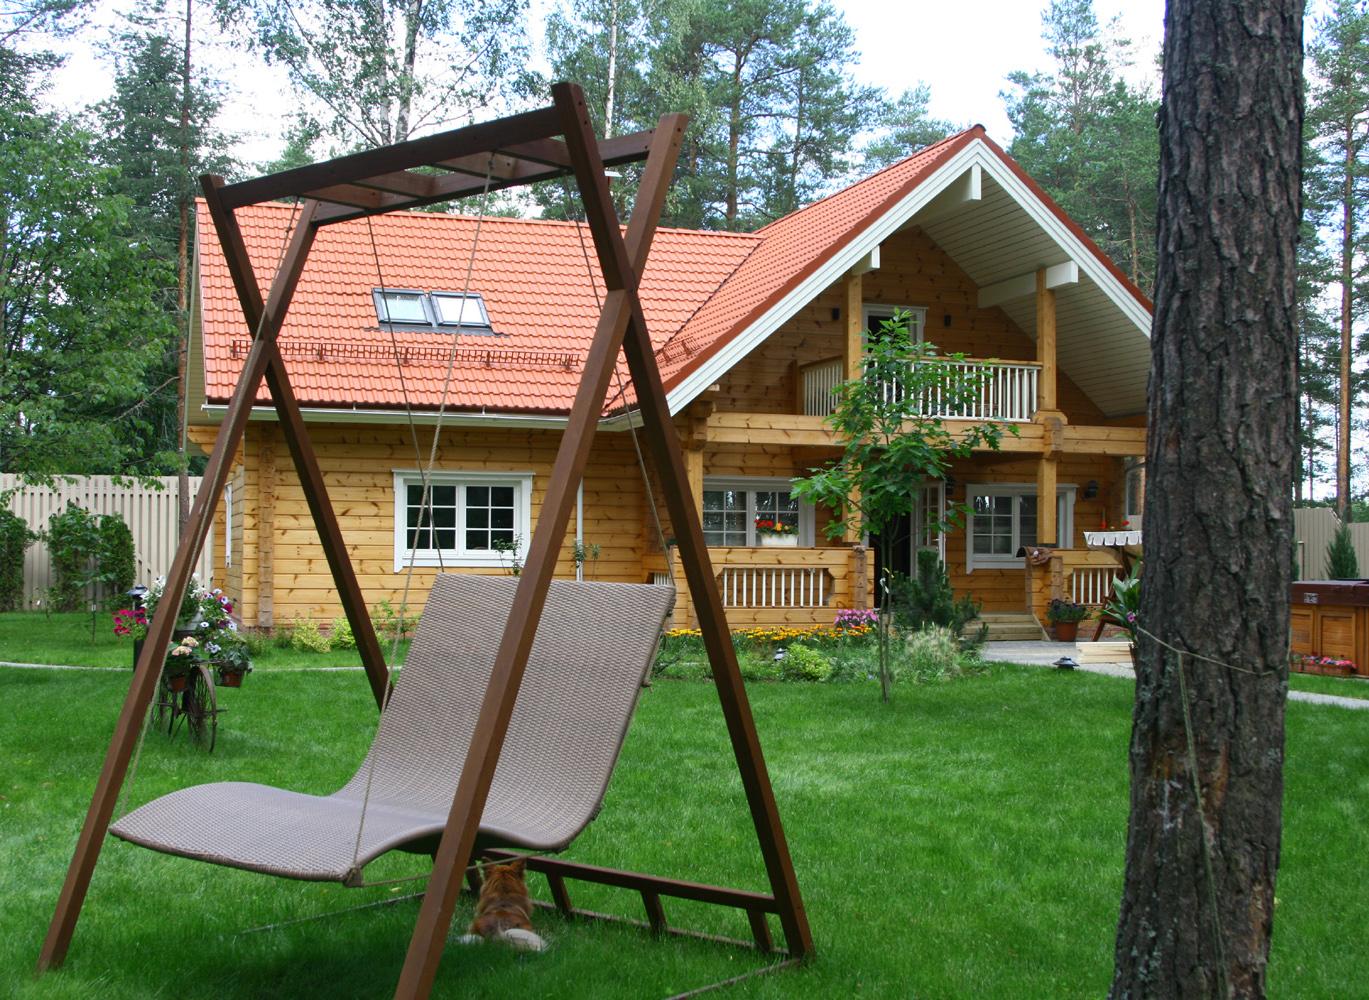 maison bois scandinave great style maison bois jaune scandinave toit rouges csp with maison. Black Bedroom Furniture Sets. Home Design Ideas